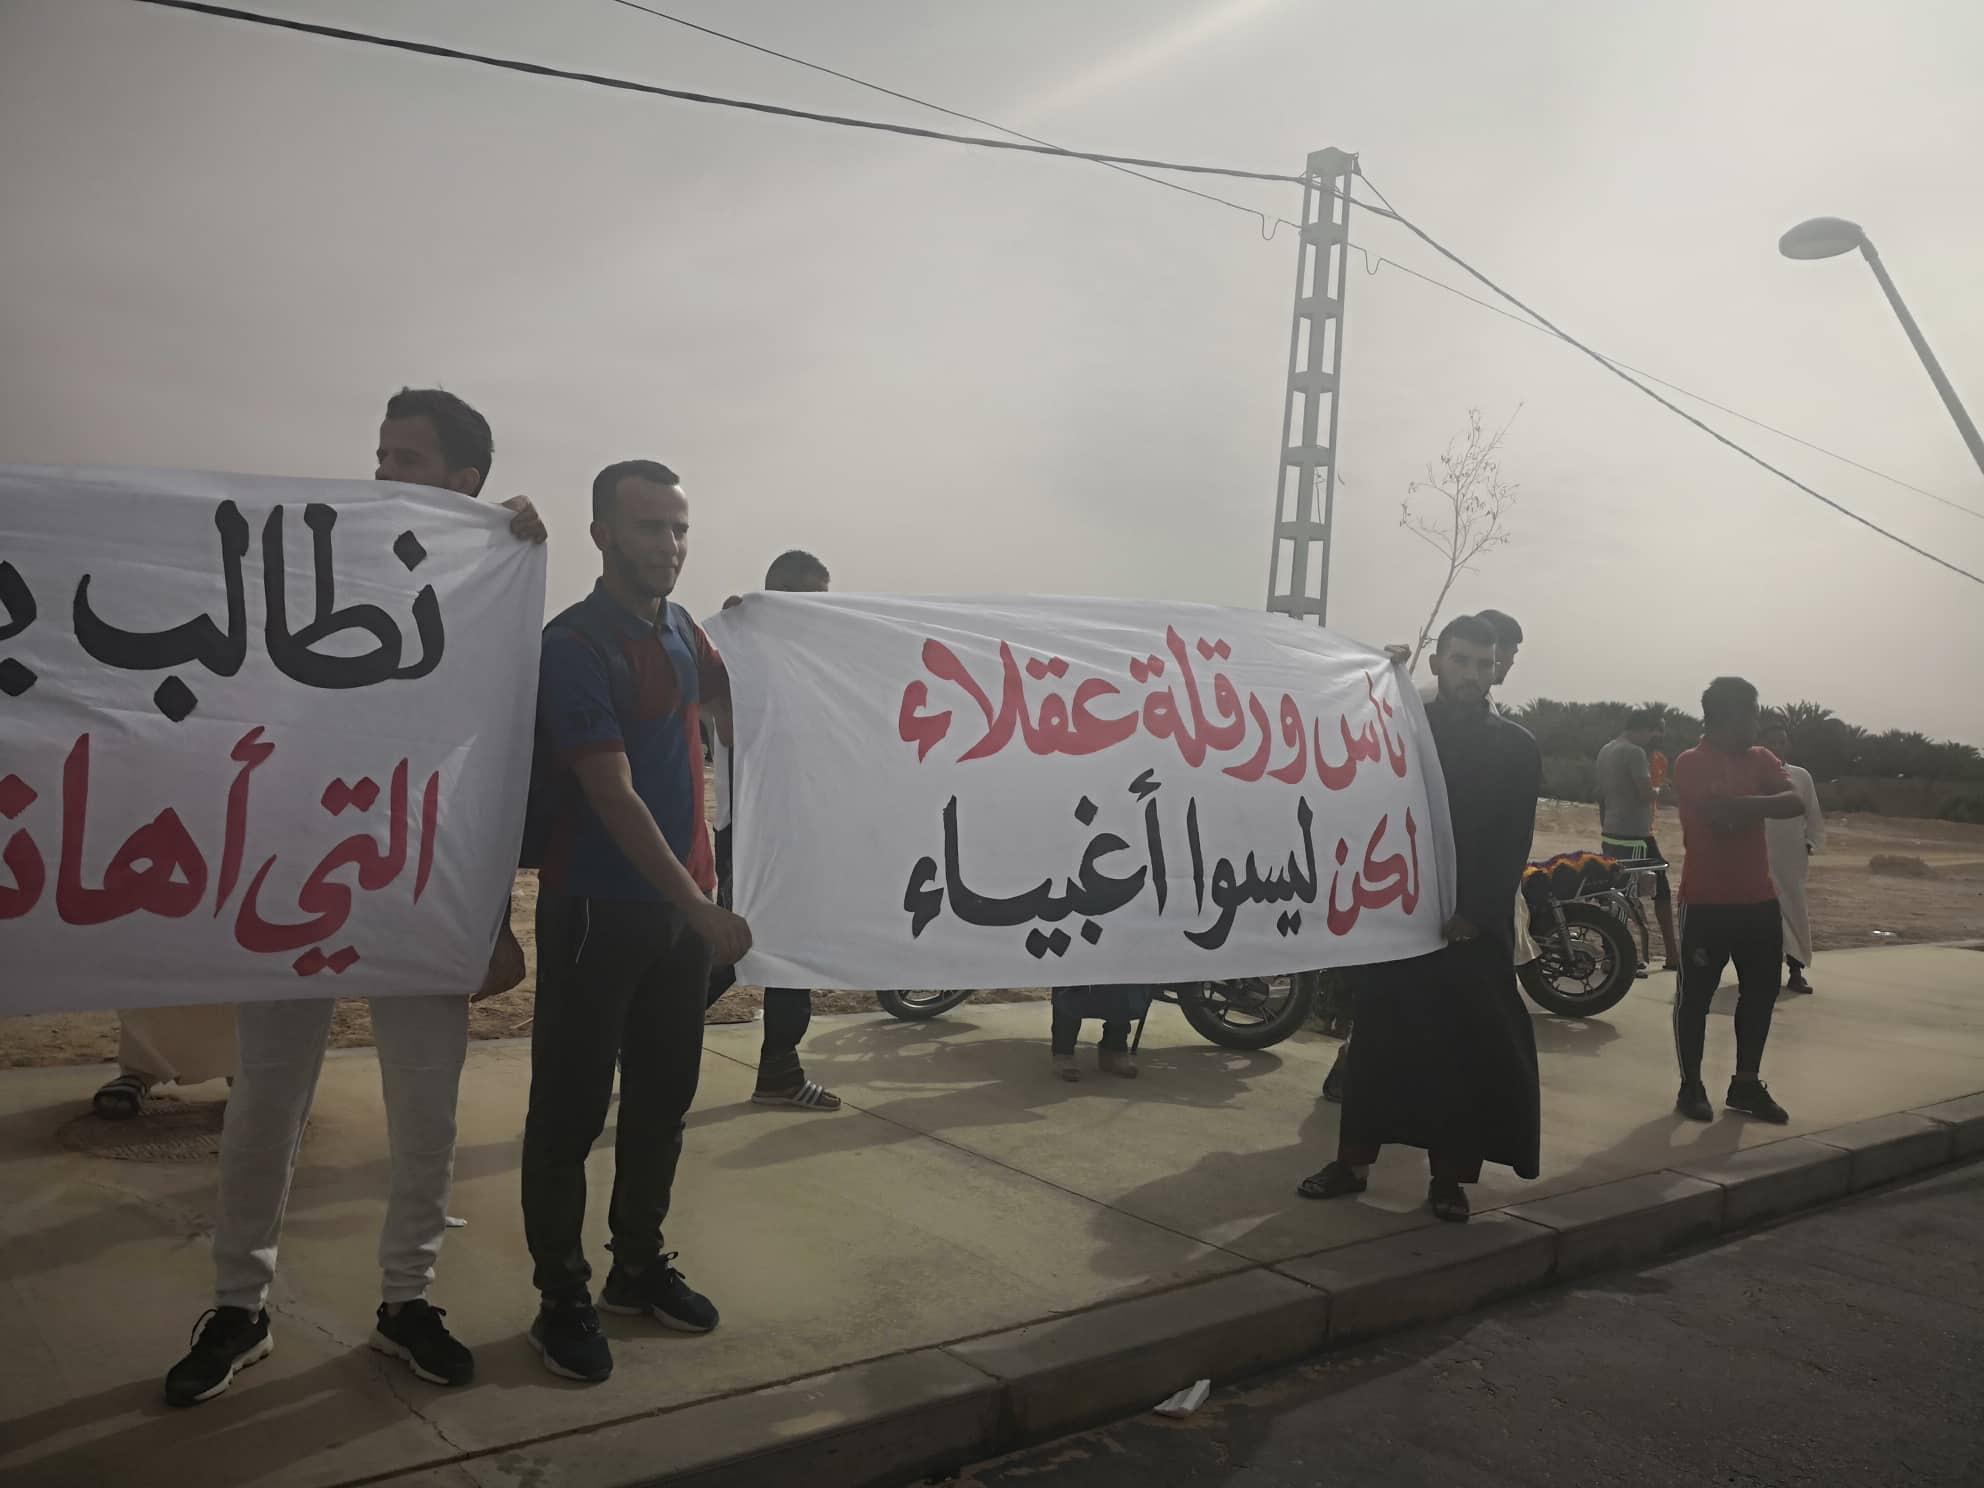 احتجاج شعبي ورقلة